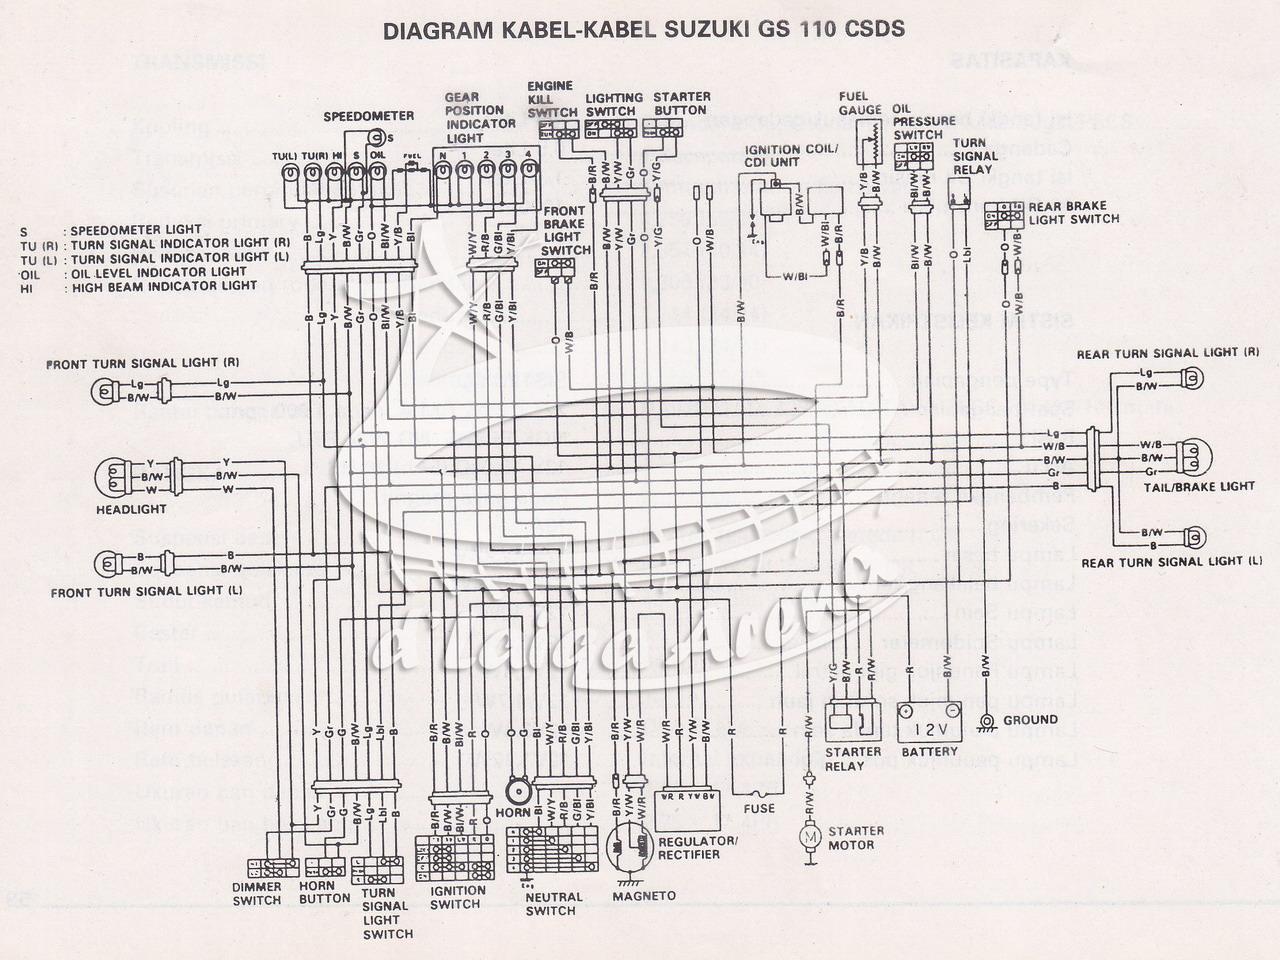 [DIAGRAM] Wiring Diagram Kelistrikan Mobil Suzuki FULL